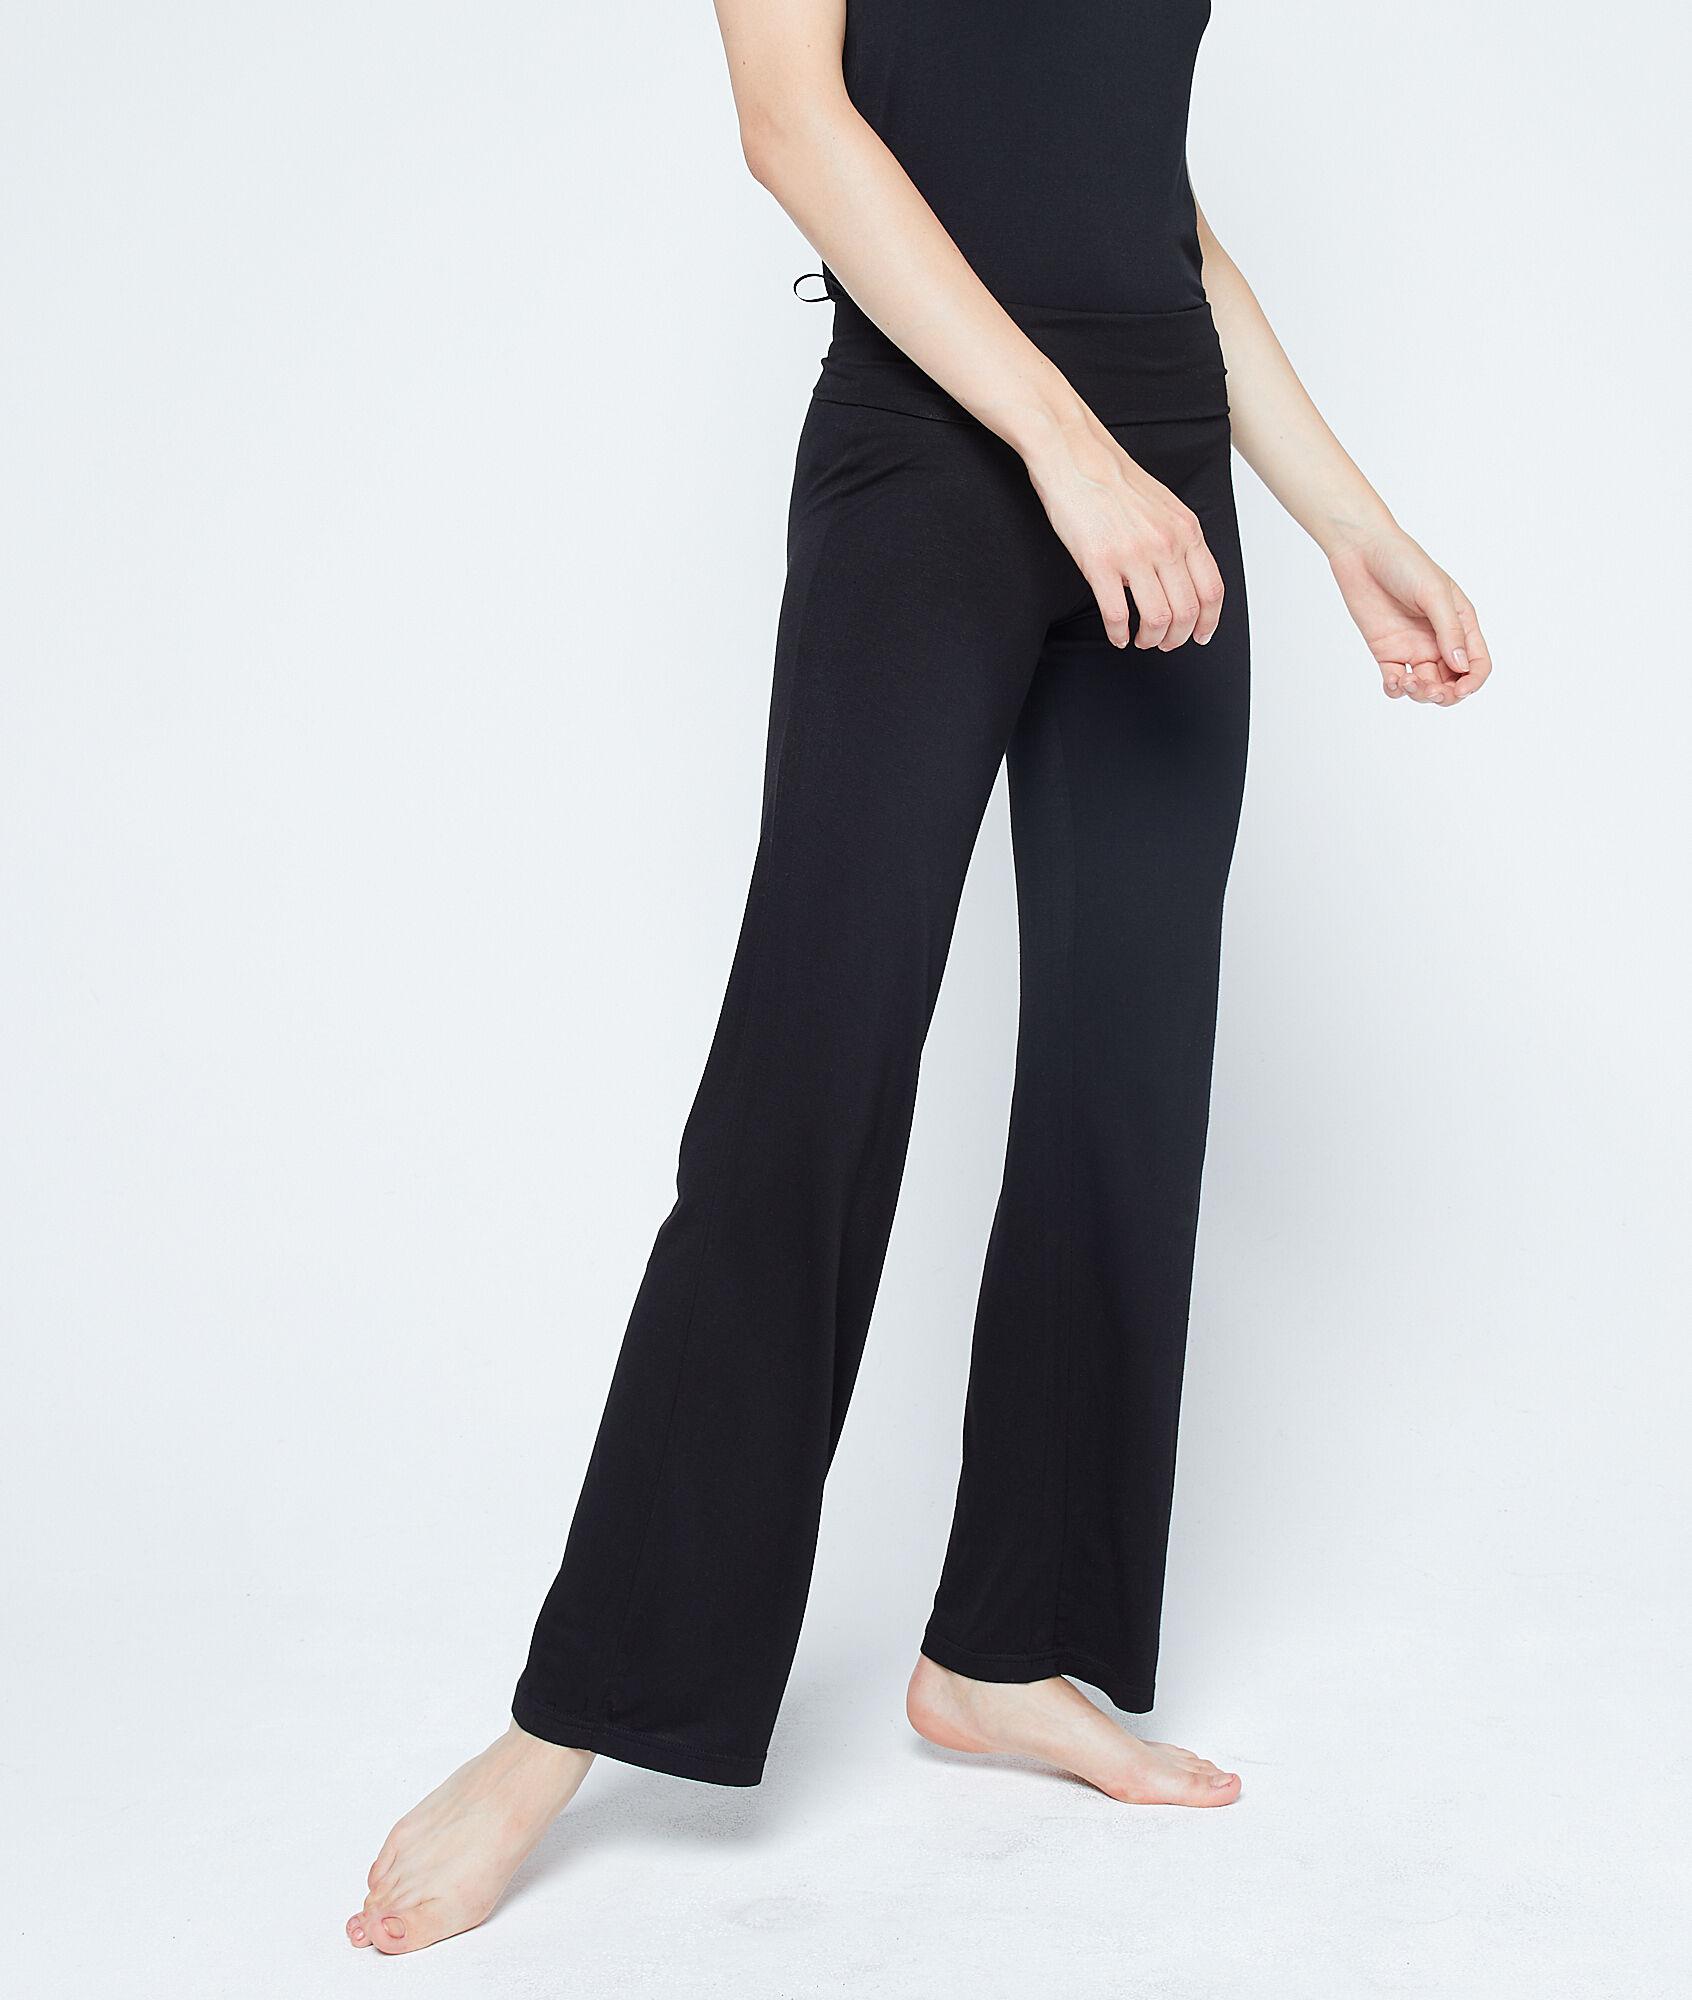 Lejące spodnie z wiskozy - AMELIA